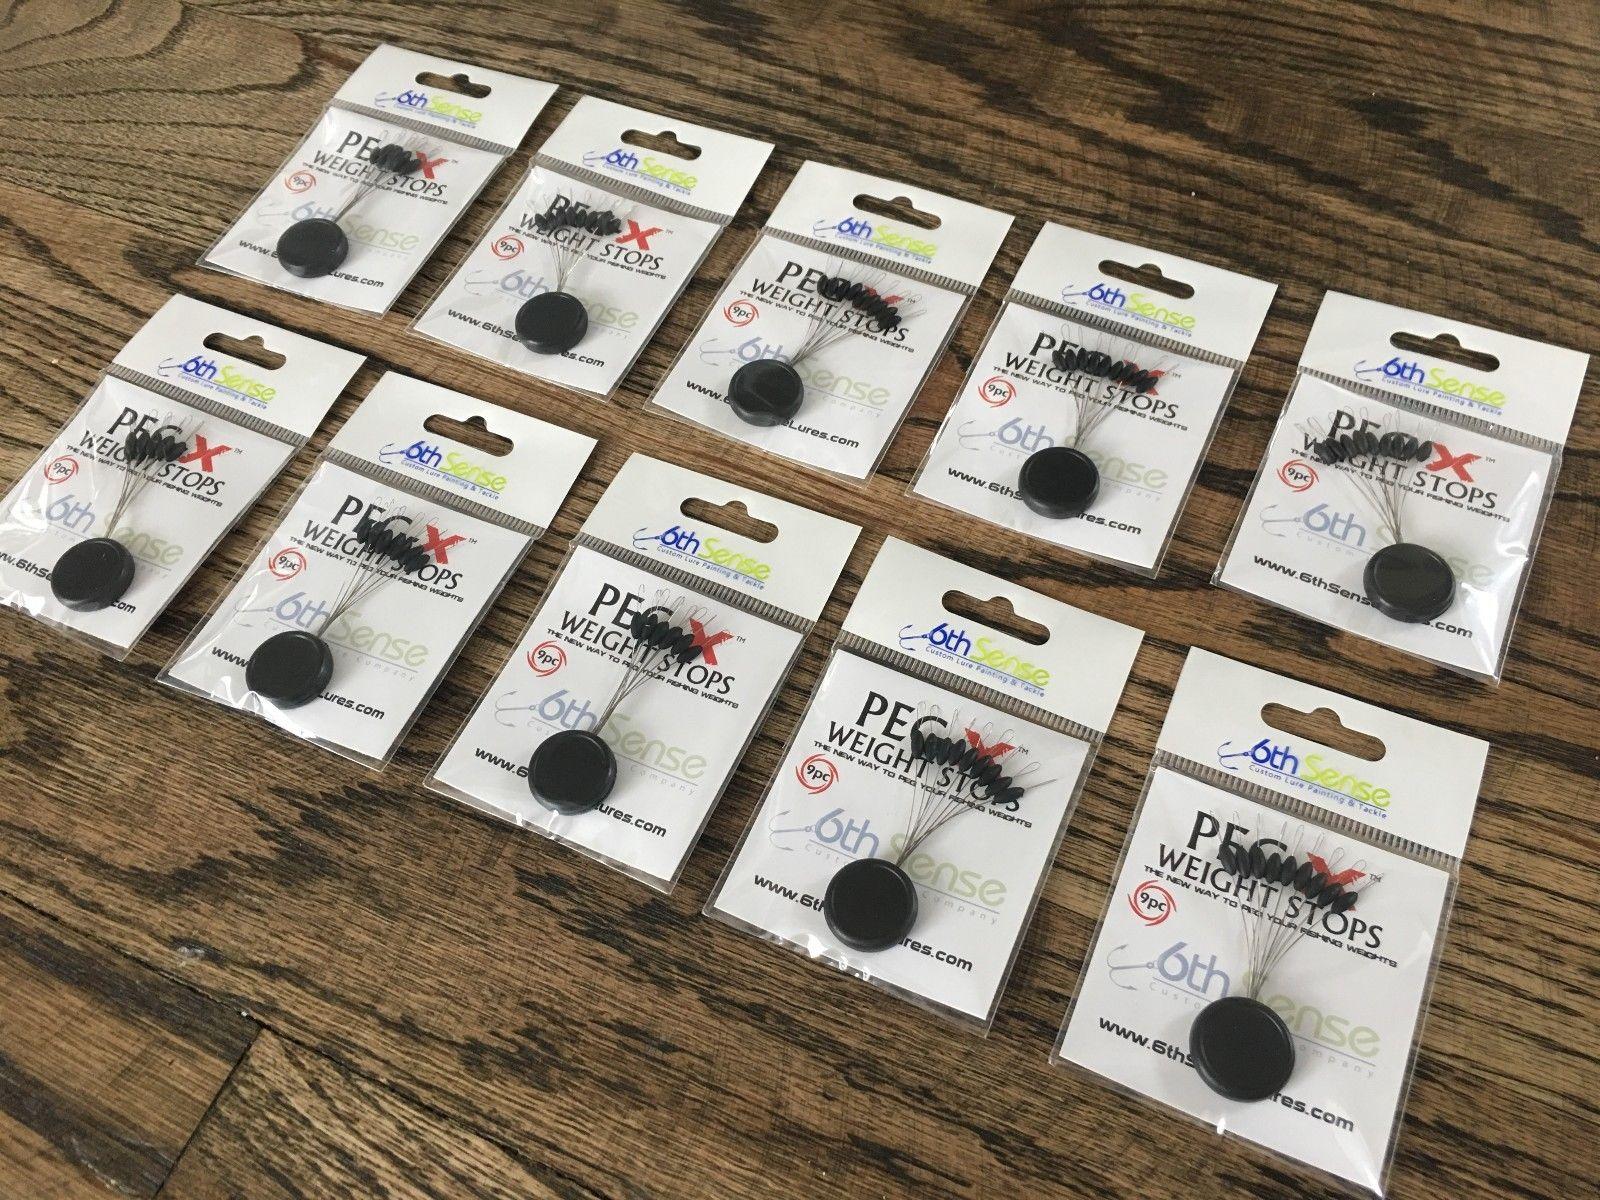 R1134731 8,4mm Breite schwarz Schaltwerkrollen Record 10-fach RD-RE700 2-tei